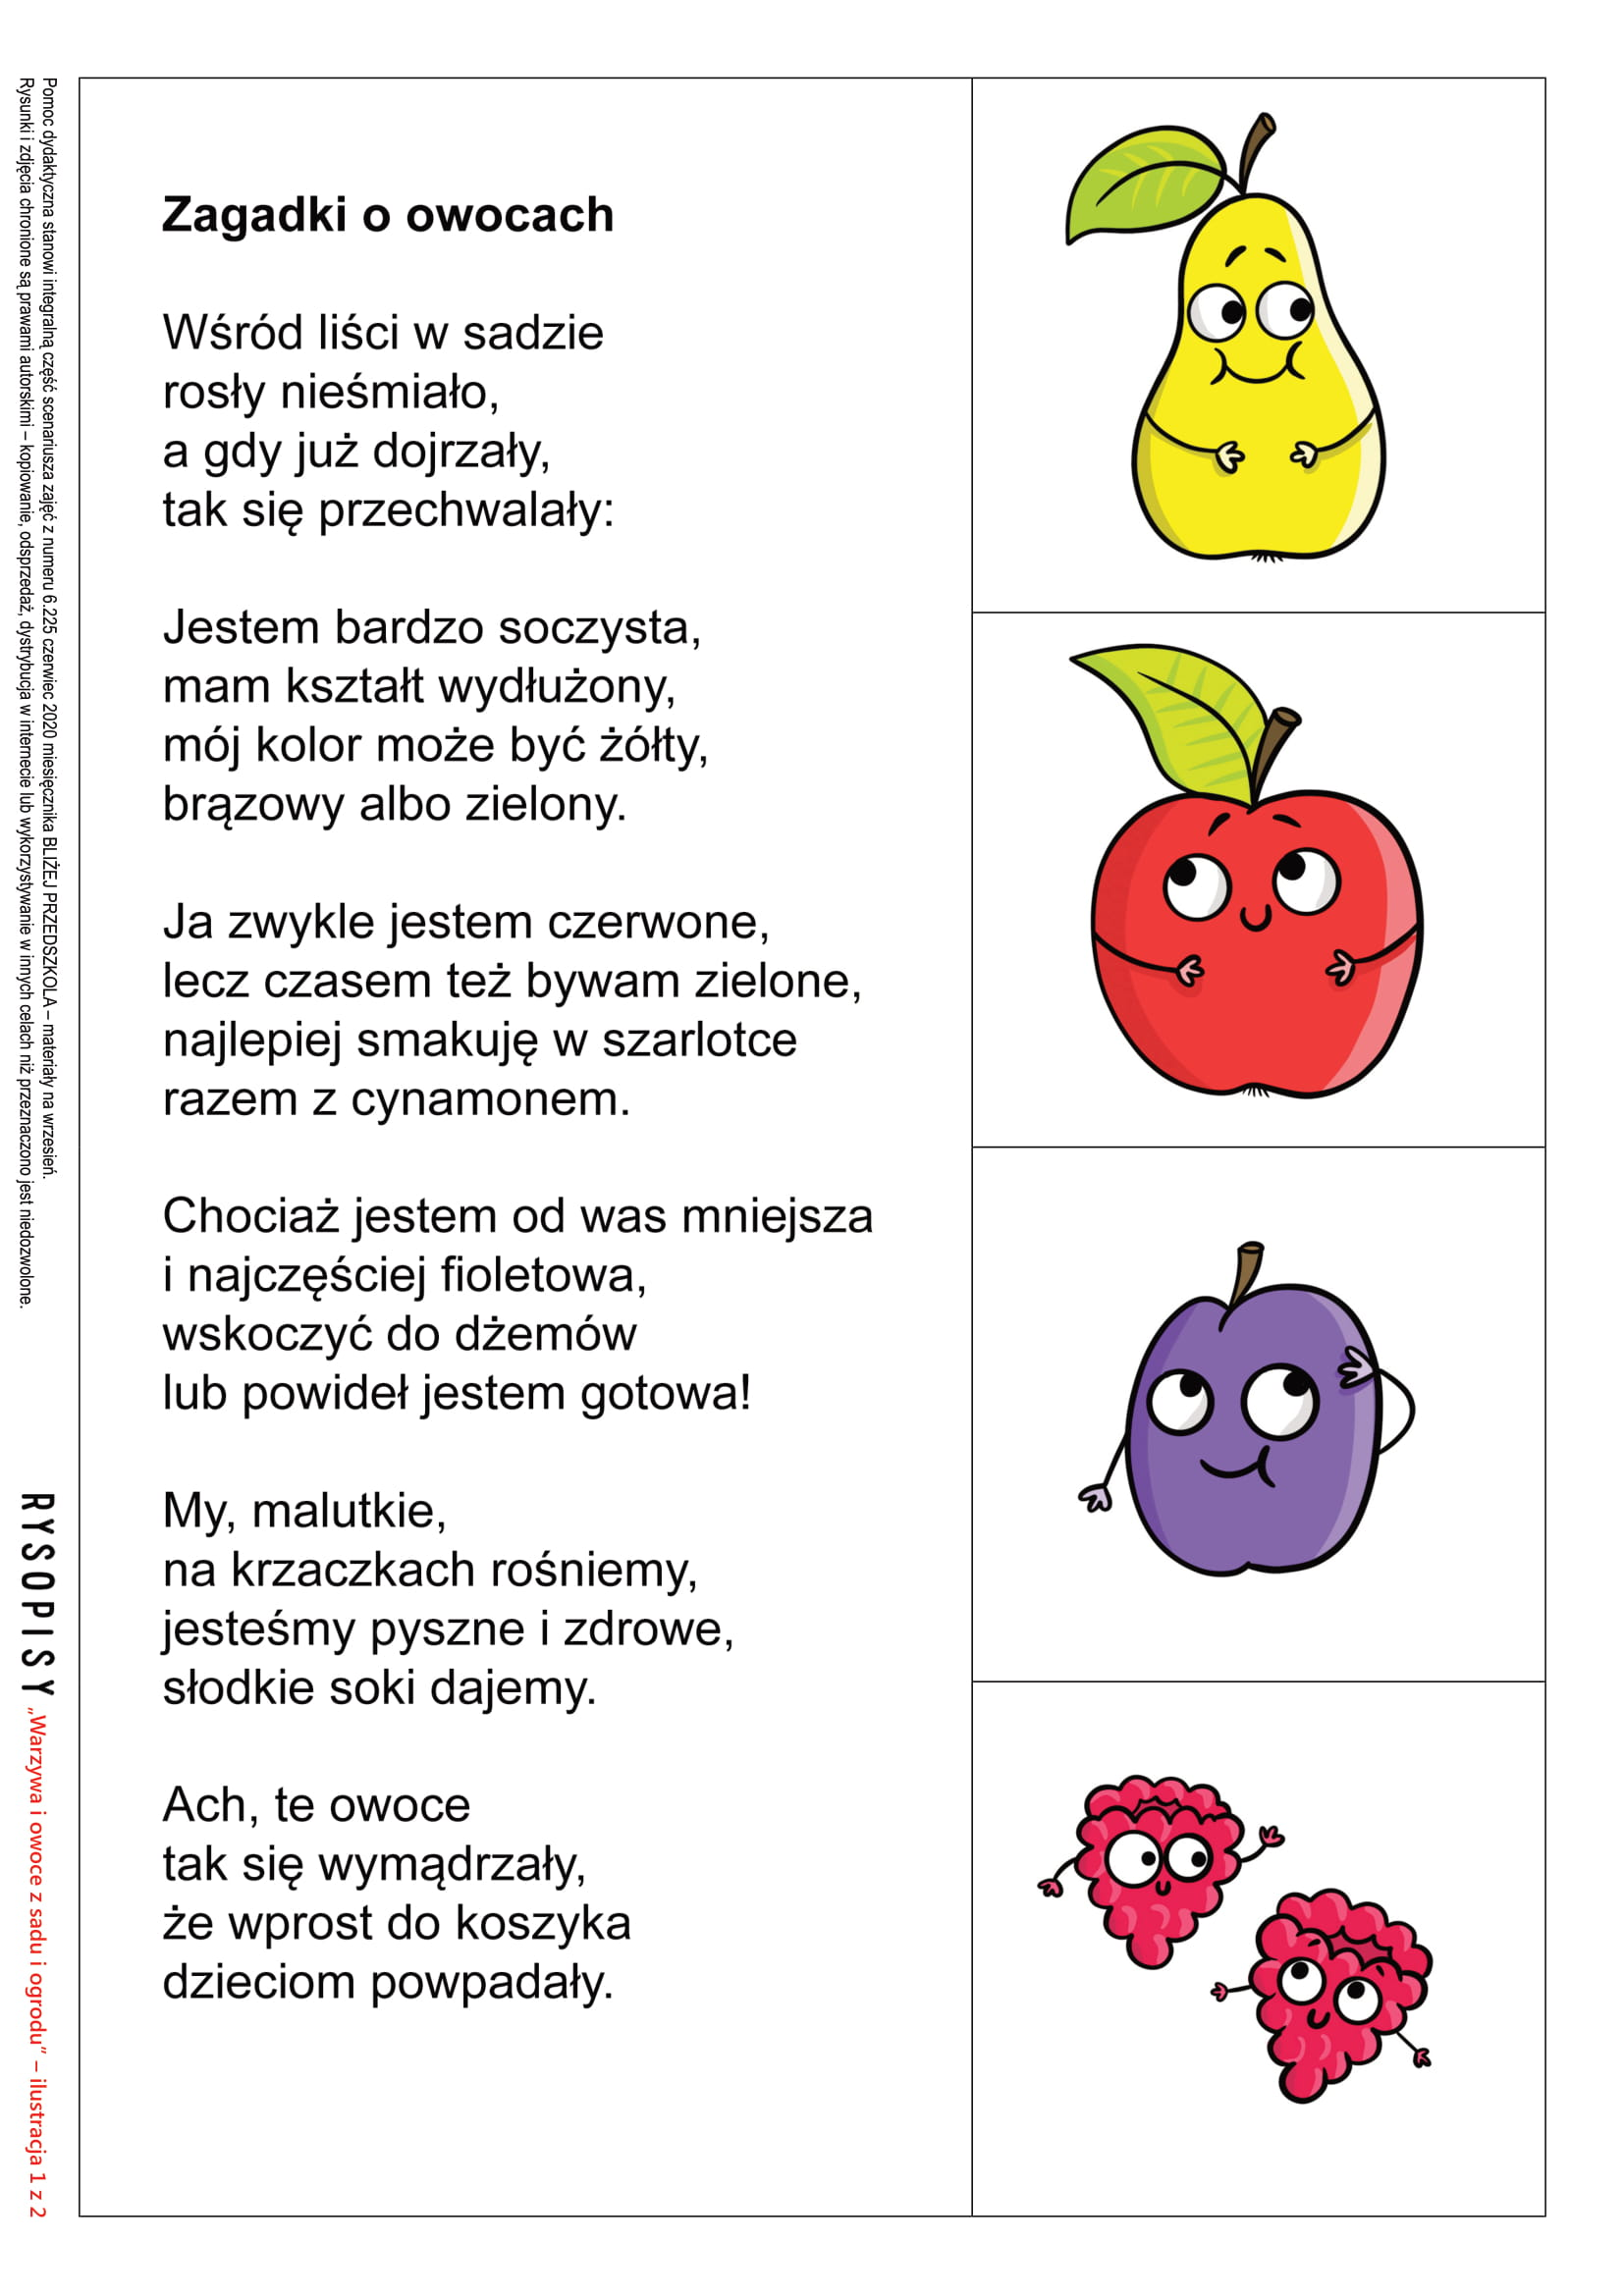 warzywno-owocowe-cwiczenia-na-poprawna-mowe-pd-225-1240-05